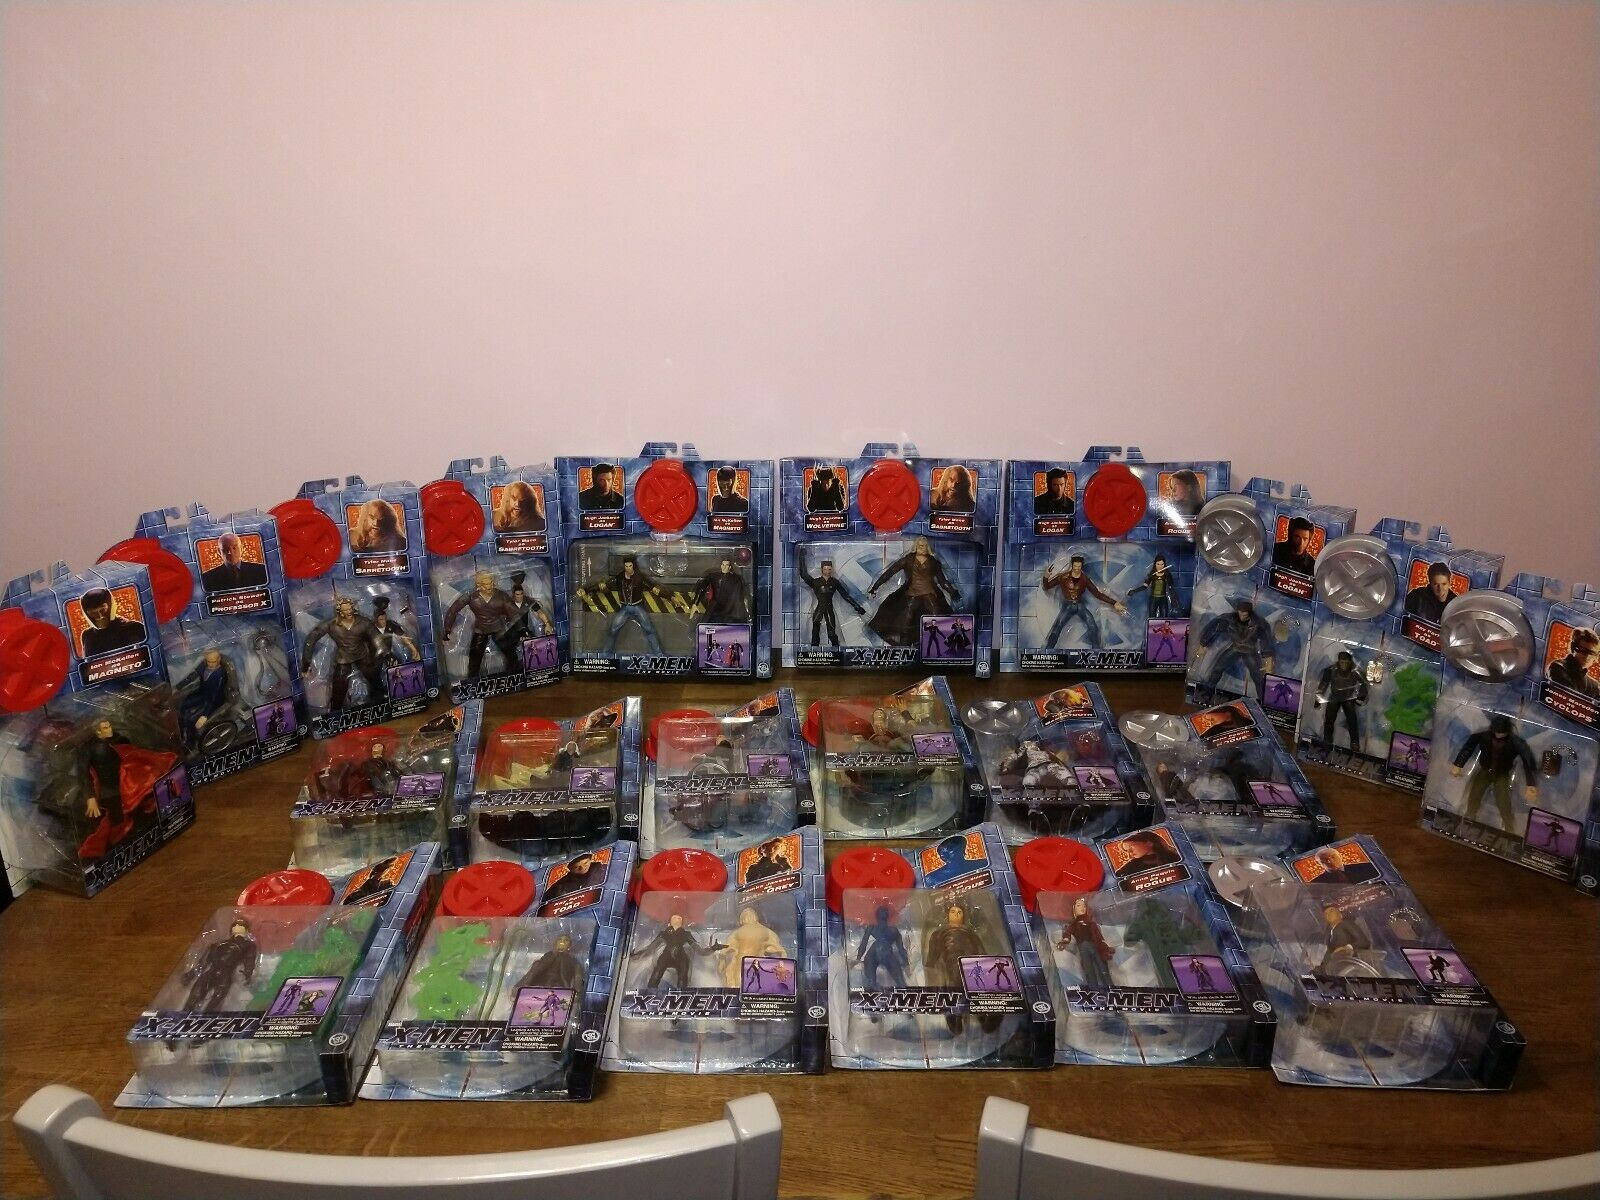 nouveau  Lot of 25  X-Hommes The Movie  Action Figures  différentes tailles